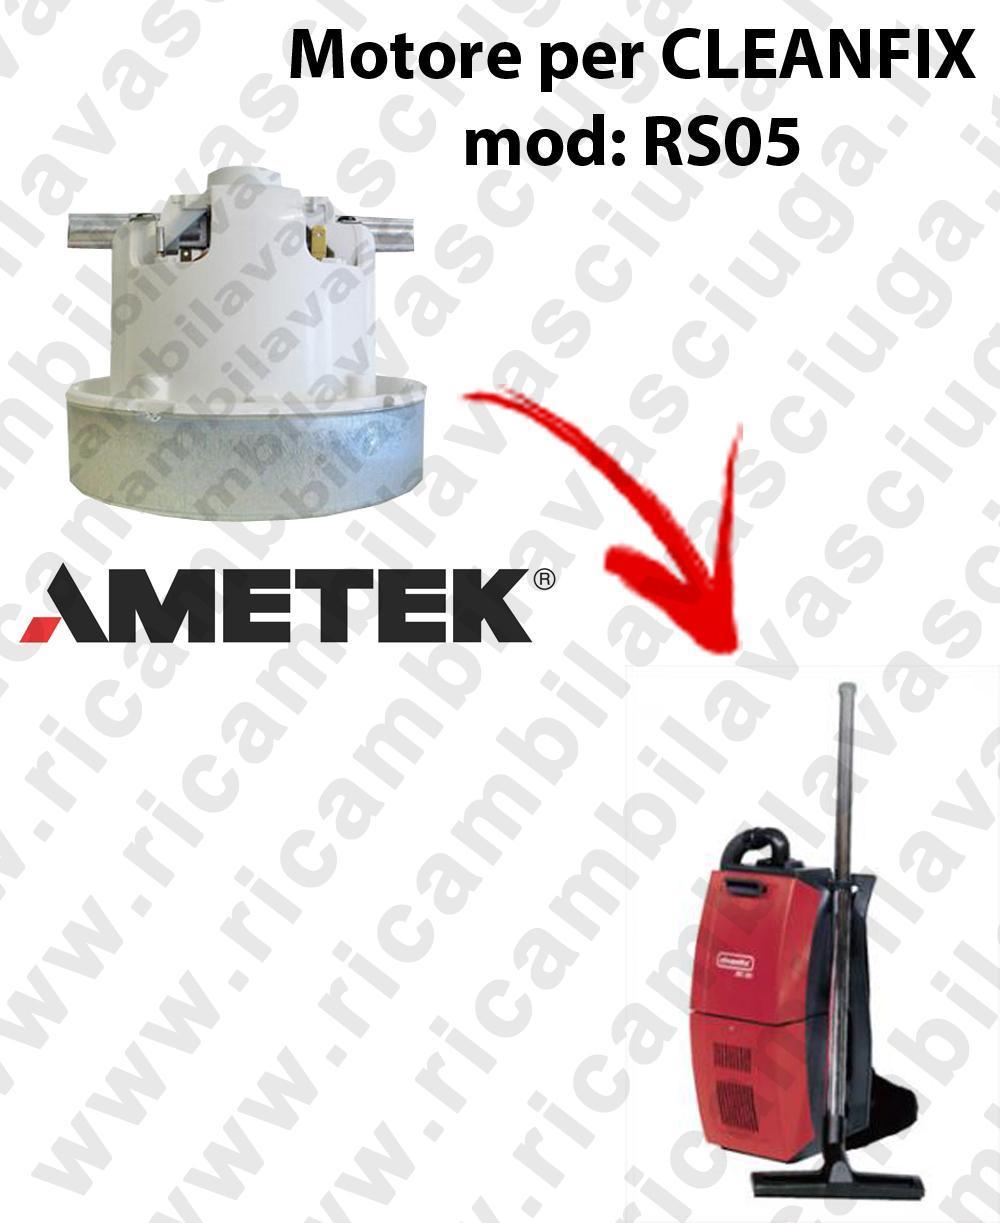 RS05 MOTEUR AMETEK aspiration pour aspirateur CLEANFIX